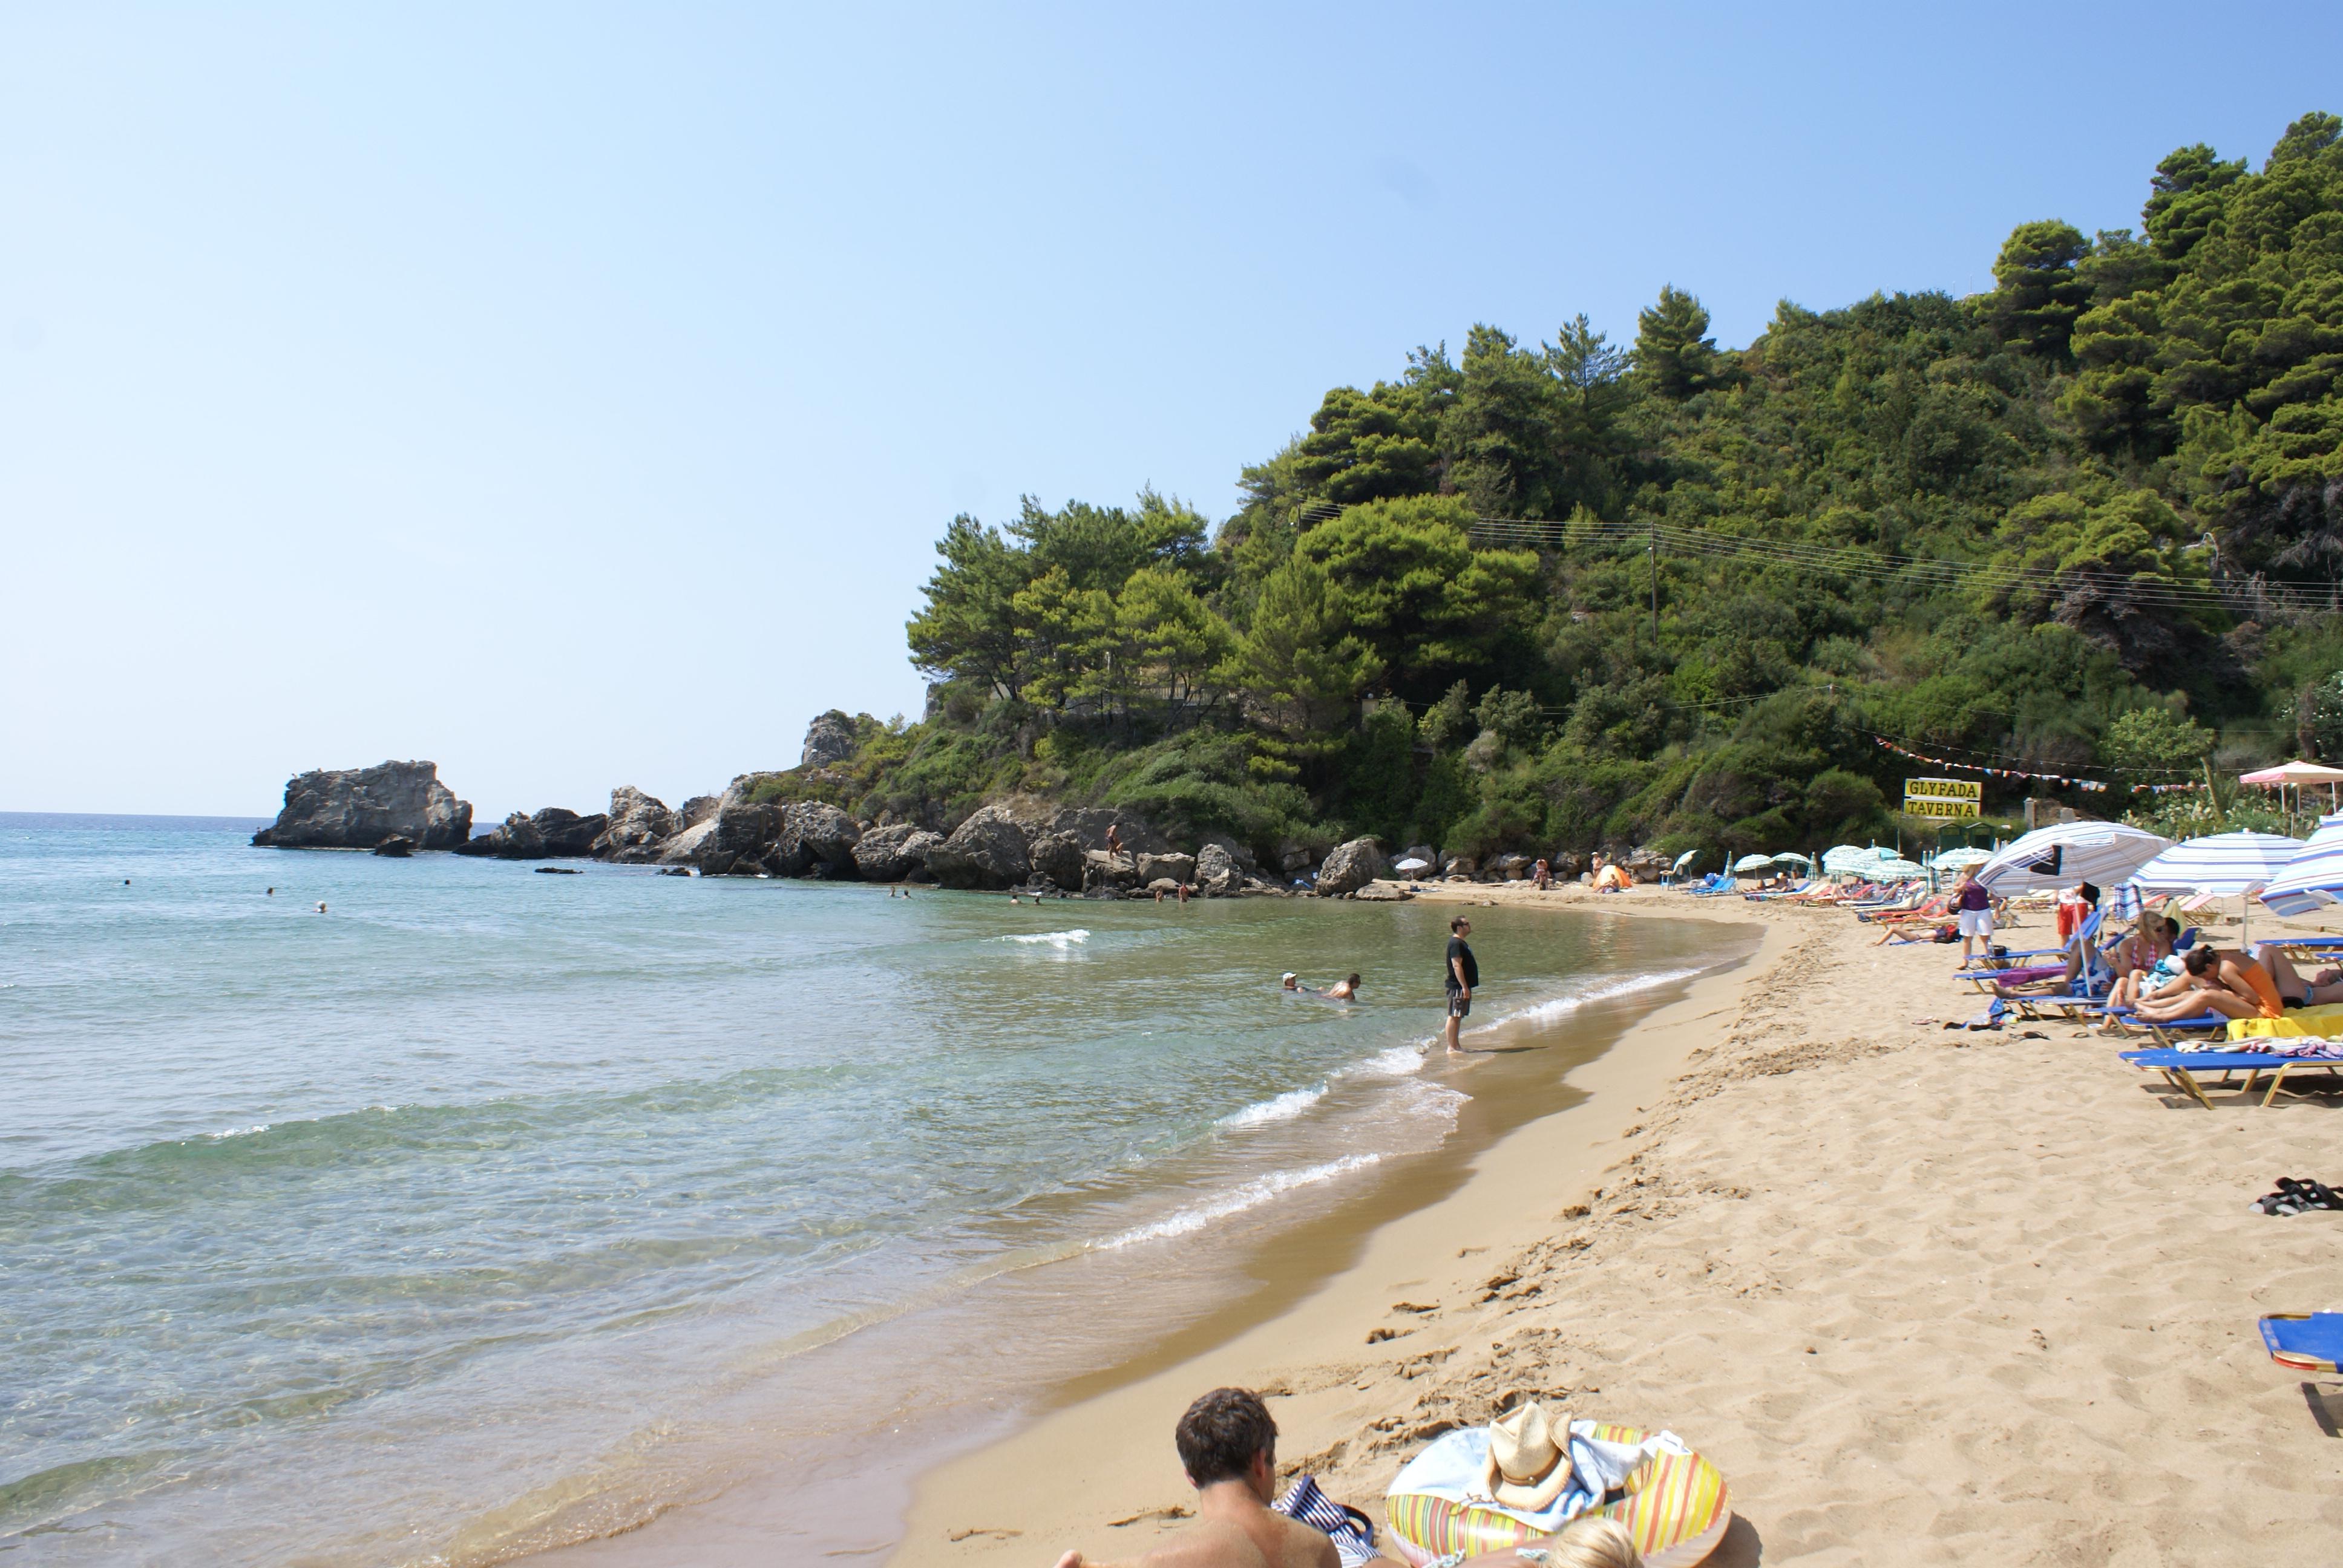 Strand von Glyfada, Korfu, Griechenland